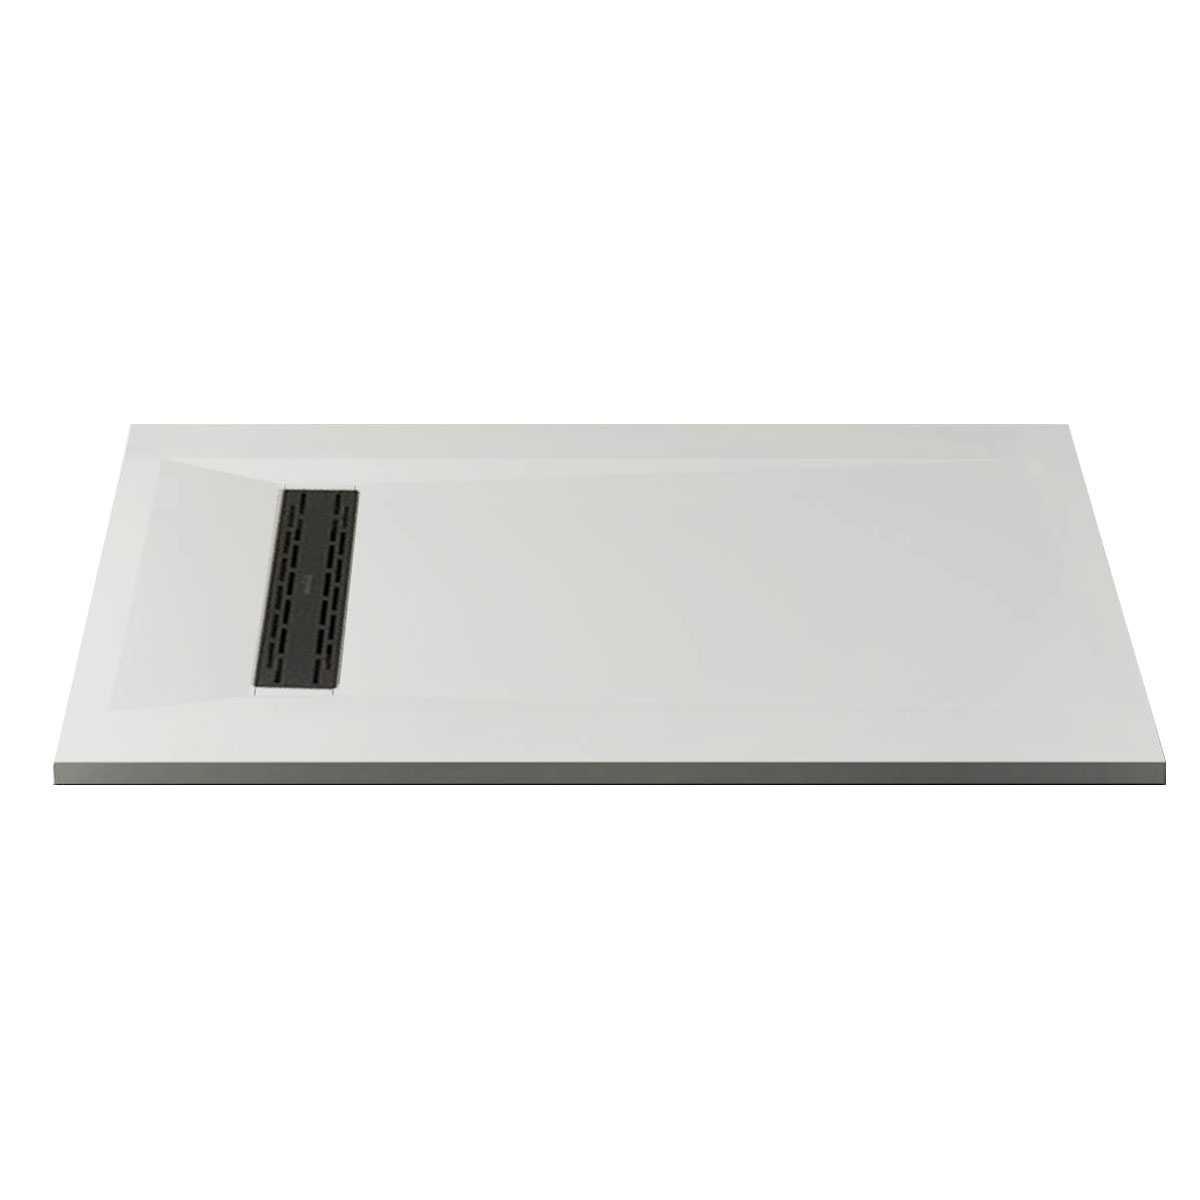 Piatto Doccia Riverside filo pavimento 70x100 h 3 cm colorato opaco in luxolid